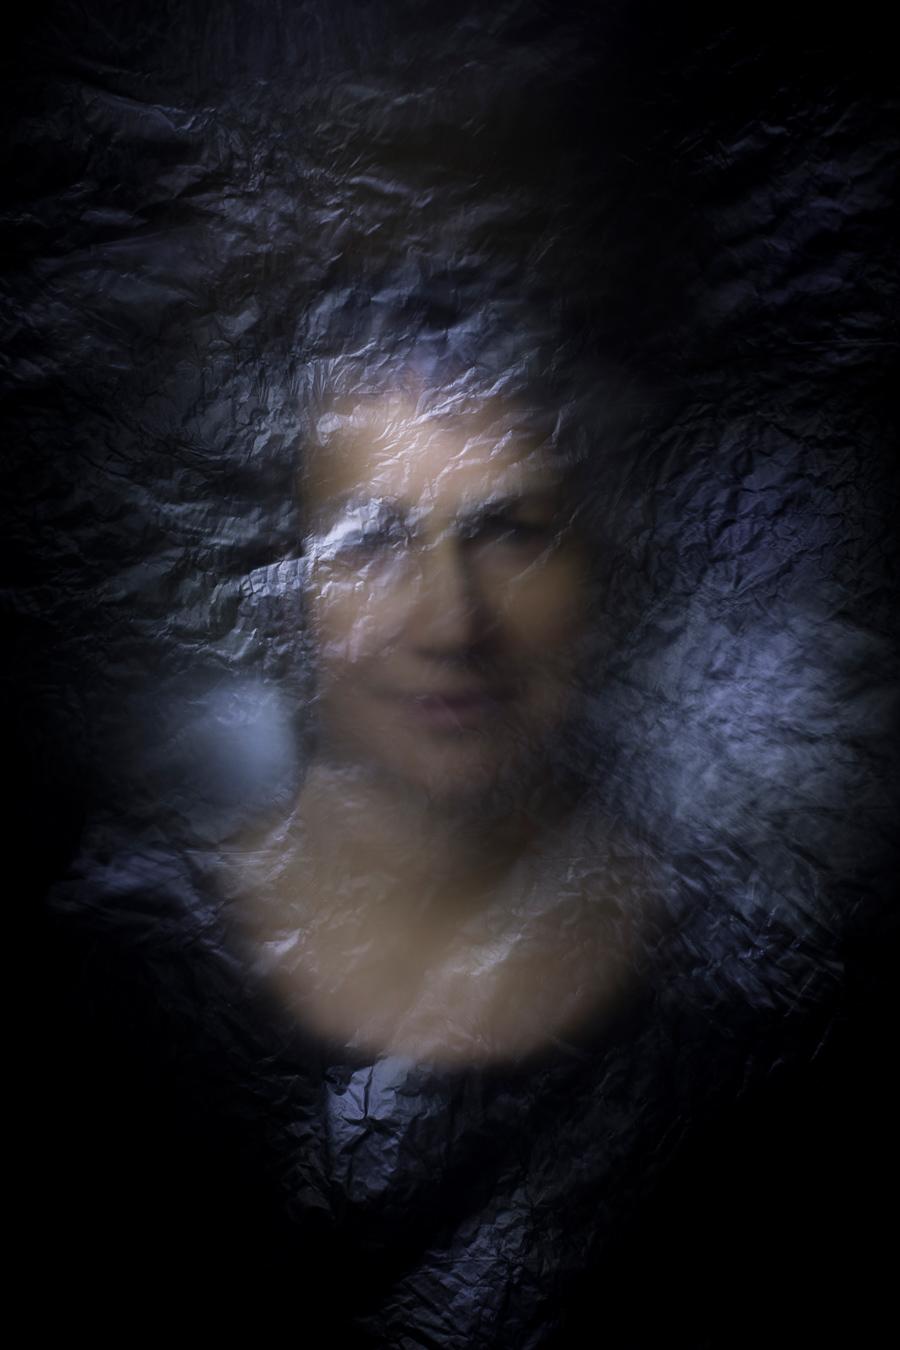 Fotografia di una dea Ecate